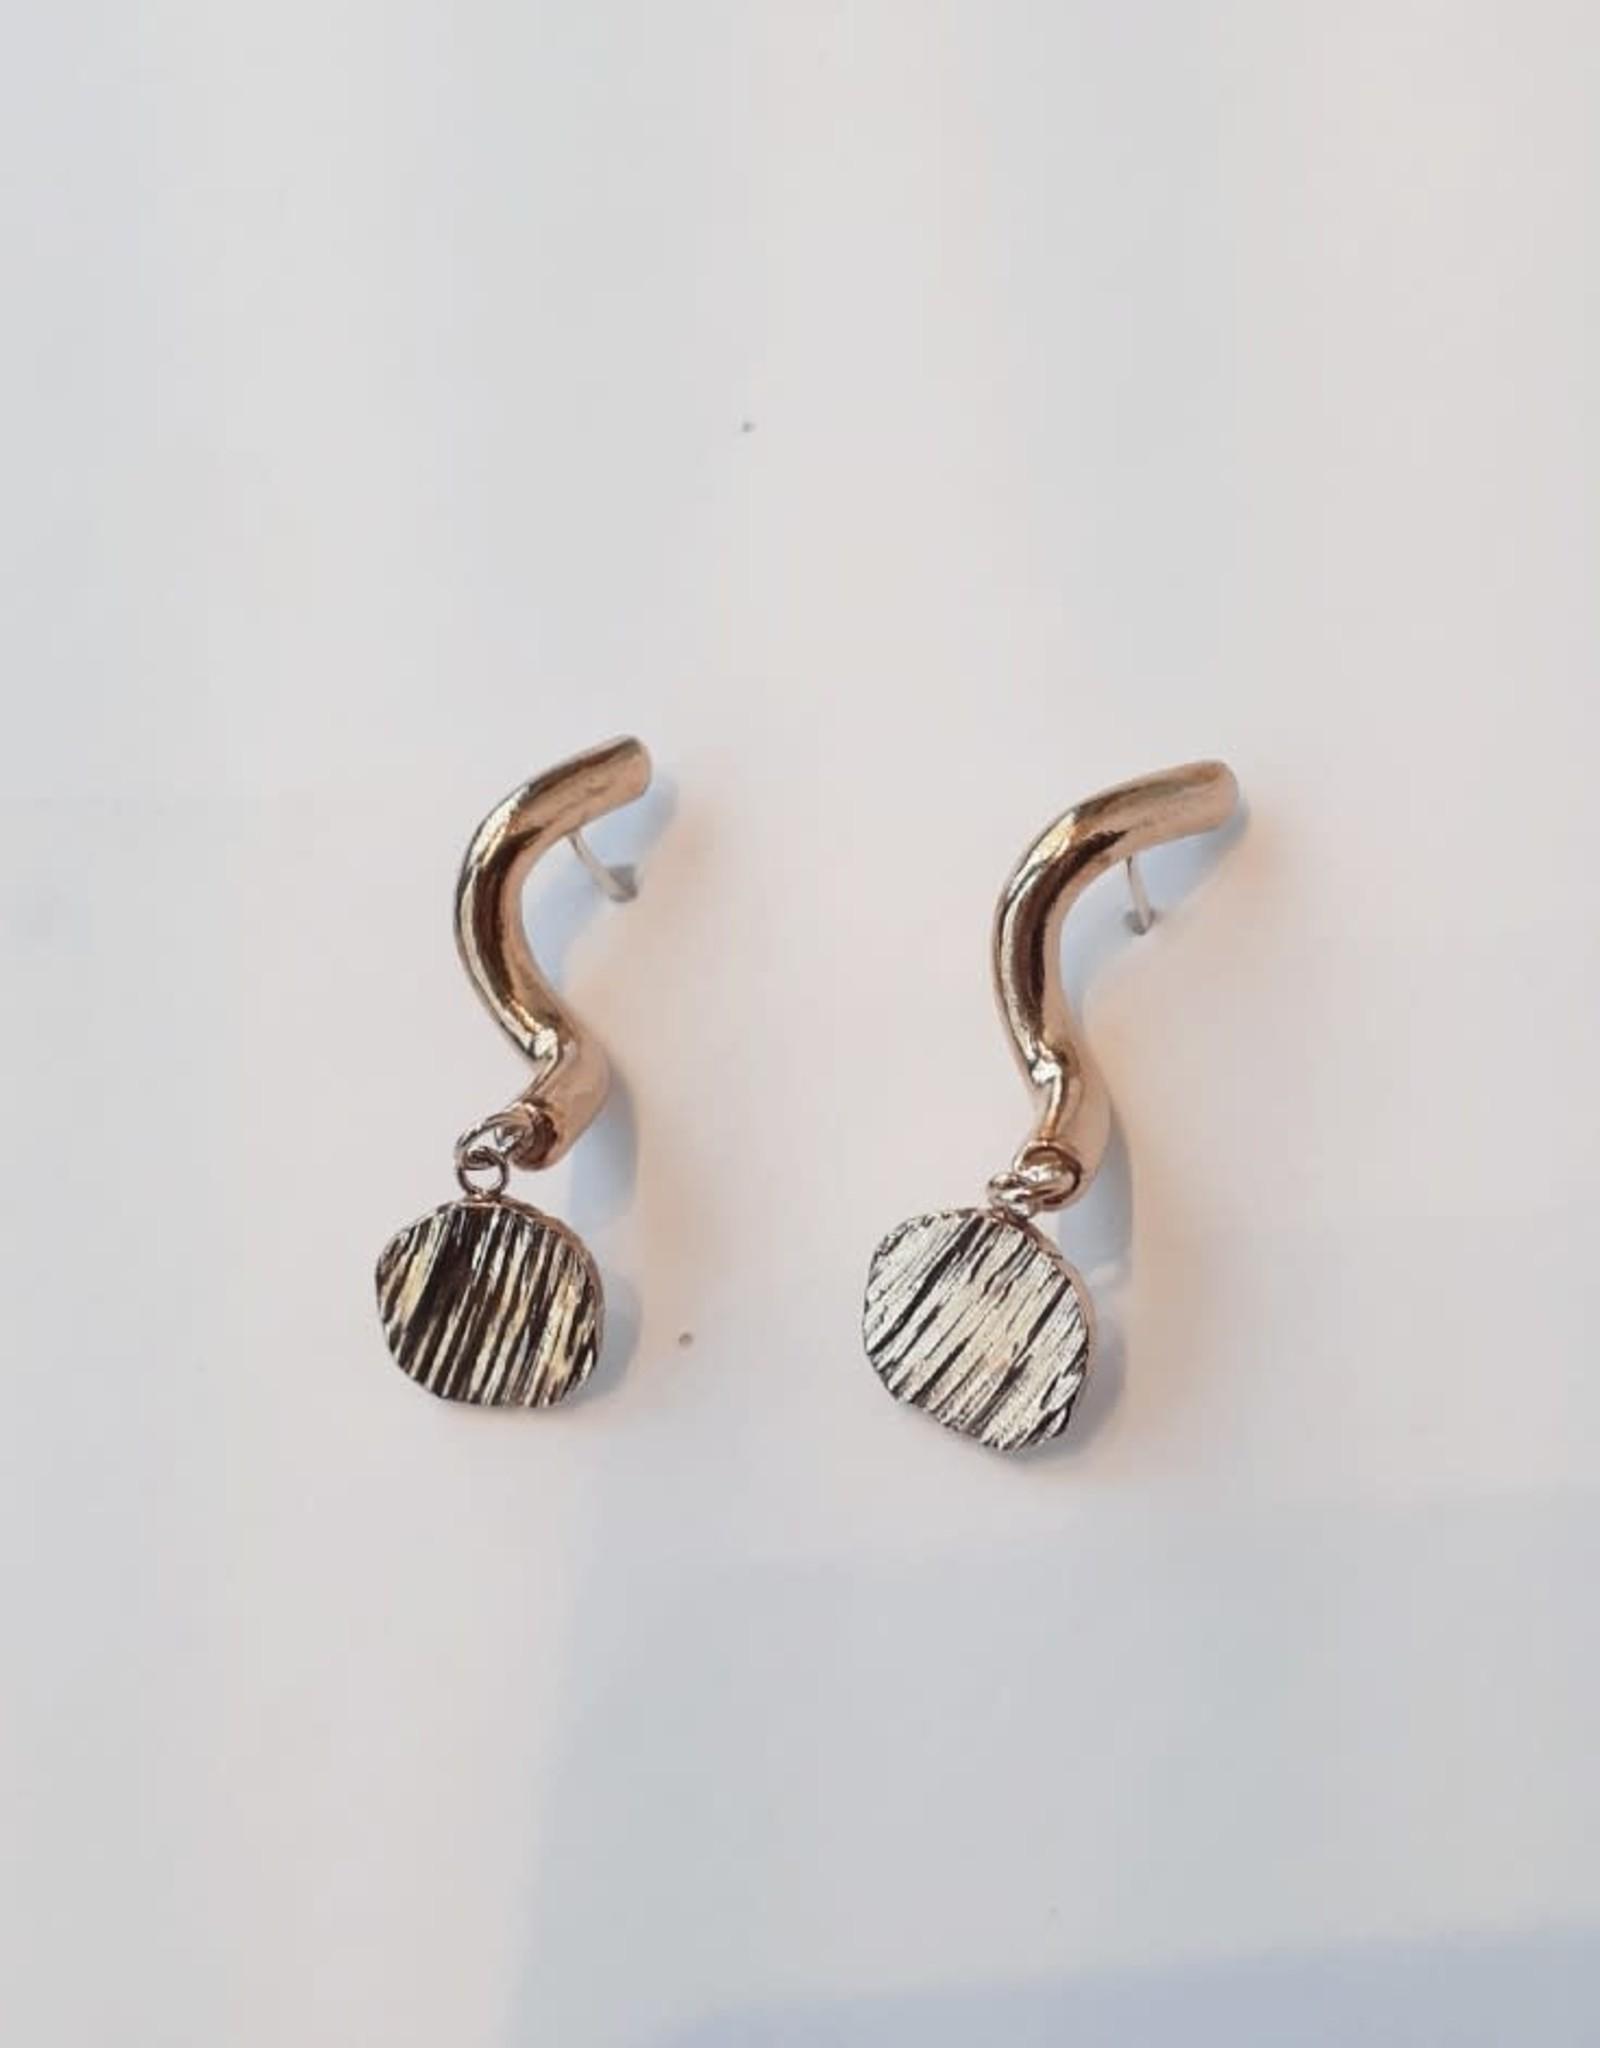 Marmod8 Boucles d'oreilles Exclamation Marmod8 Bronze